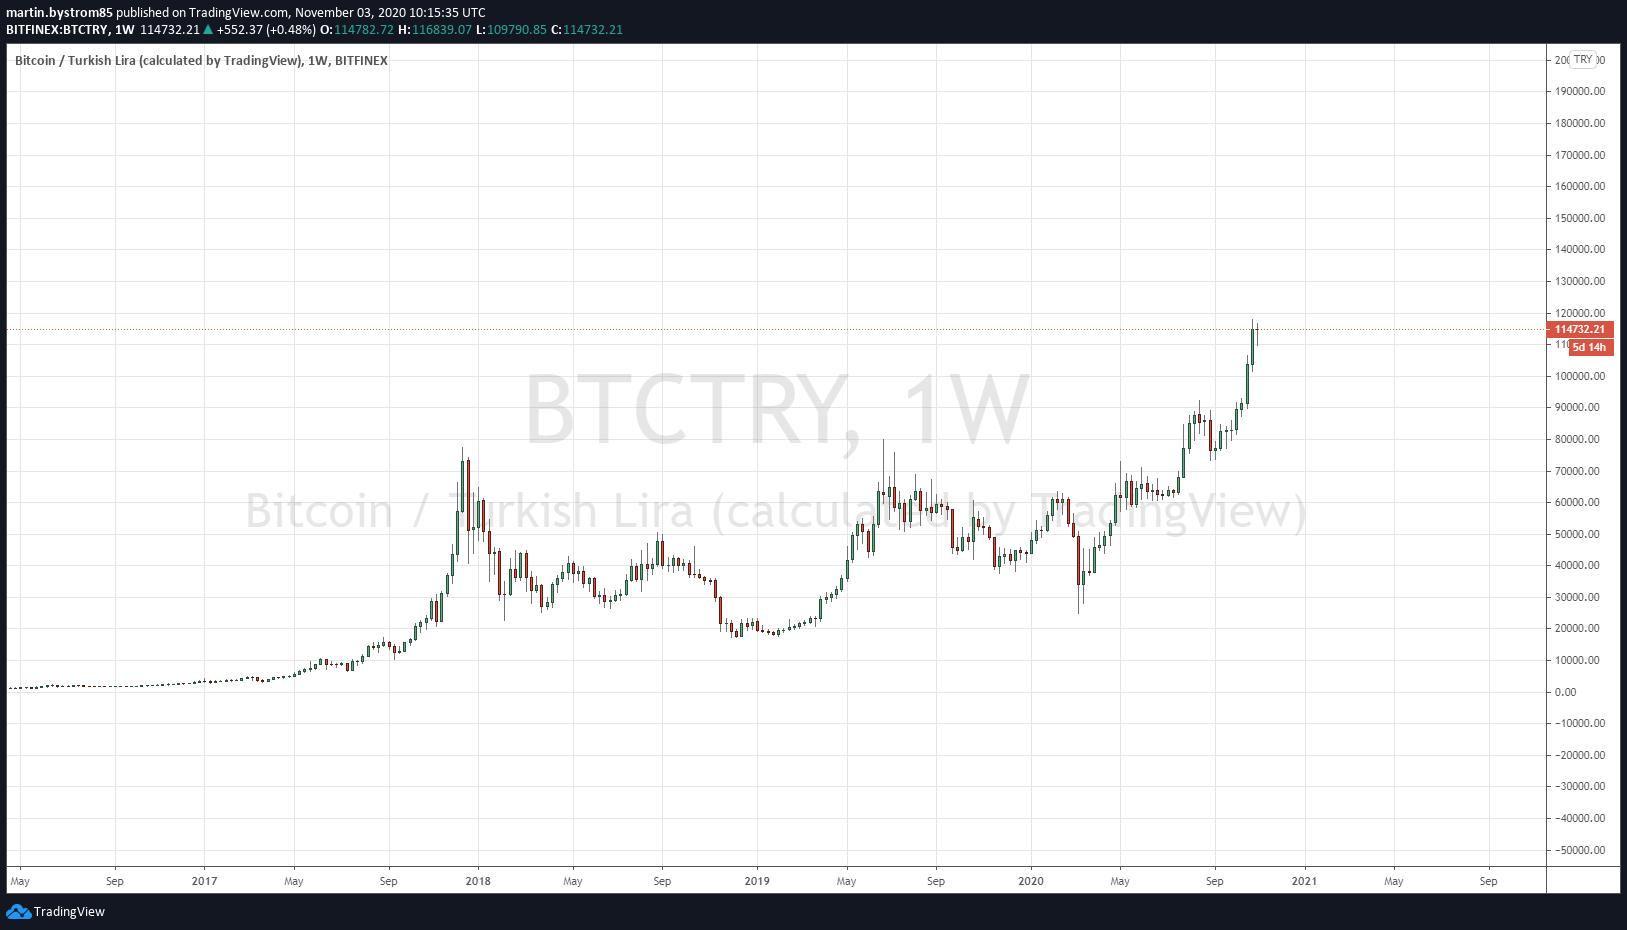 Historisk utveckling av bitcoin mätt i turkisk lira.